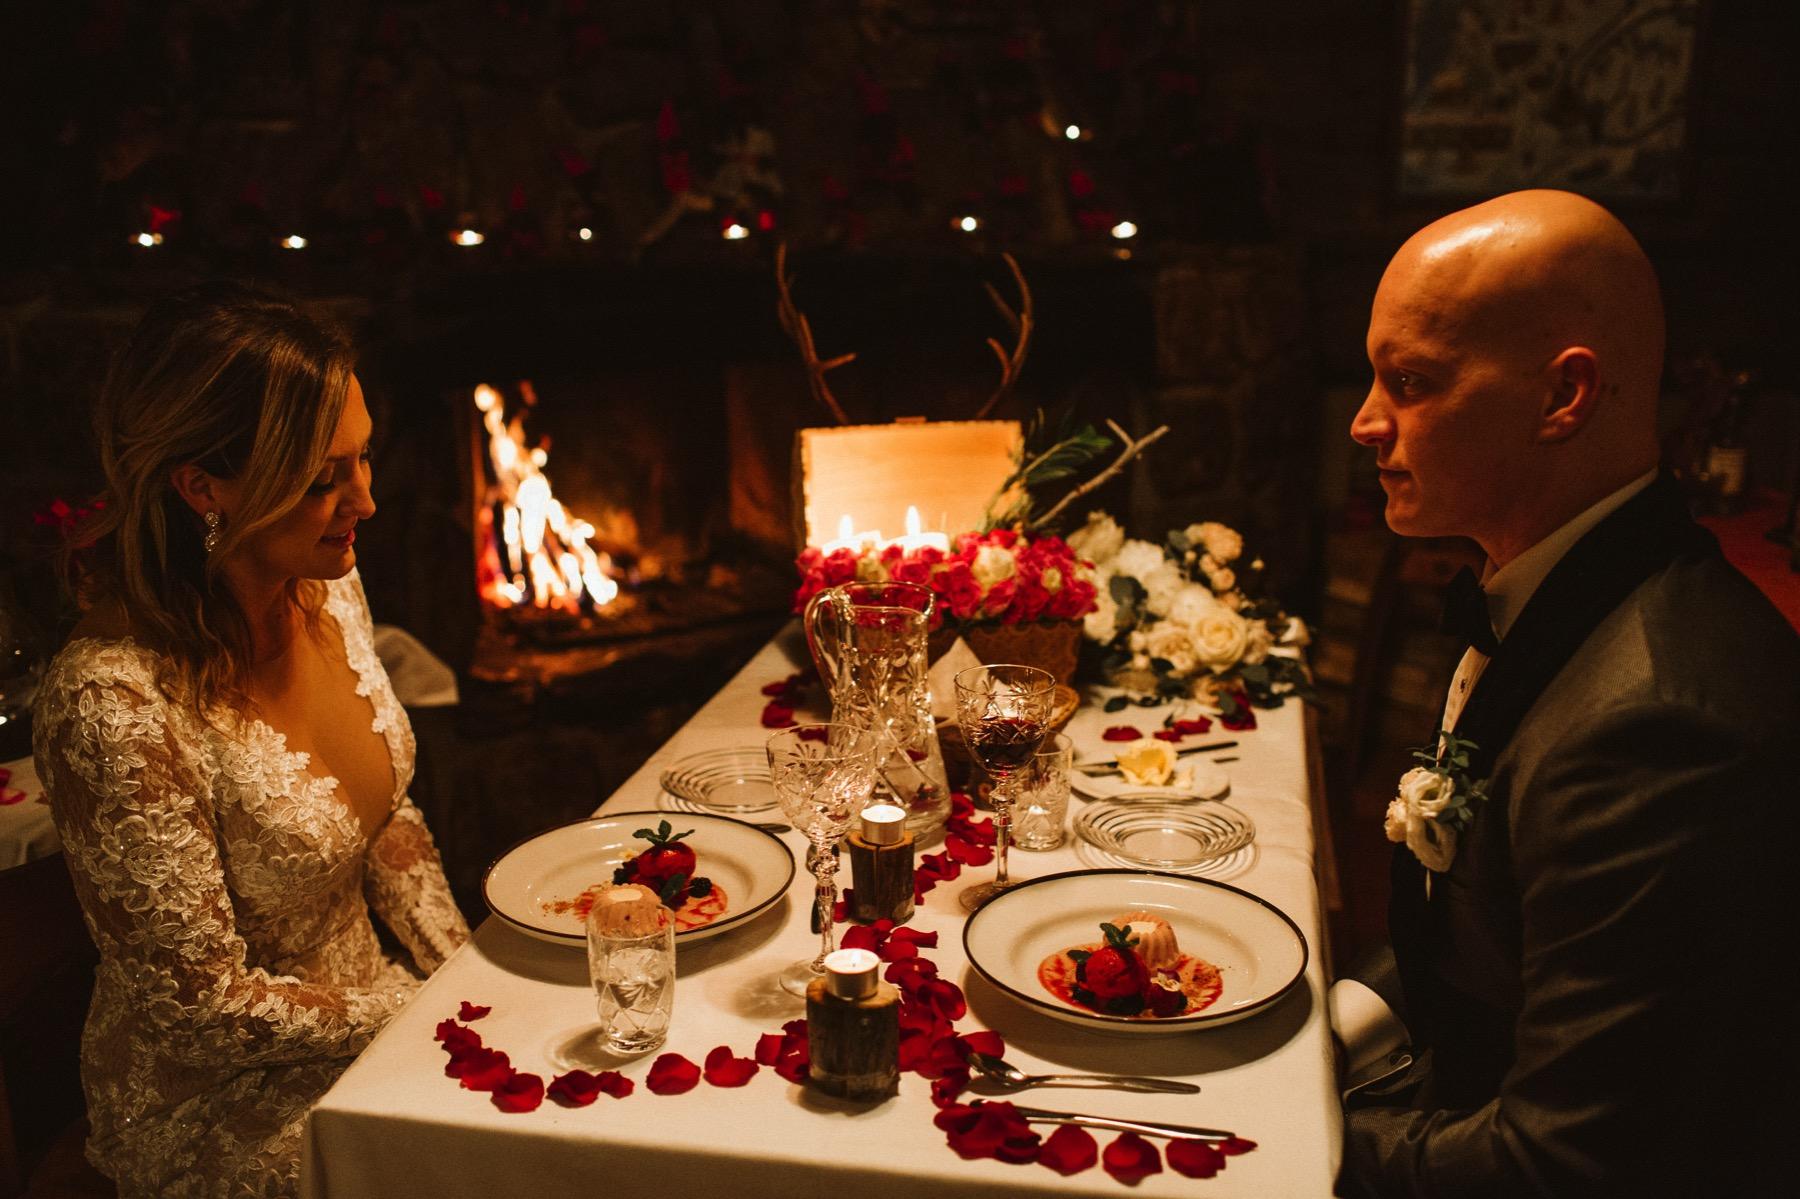 Kakslauttanen wedding dinner